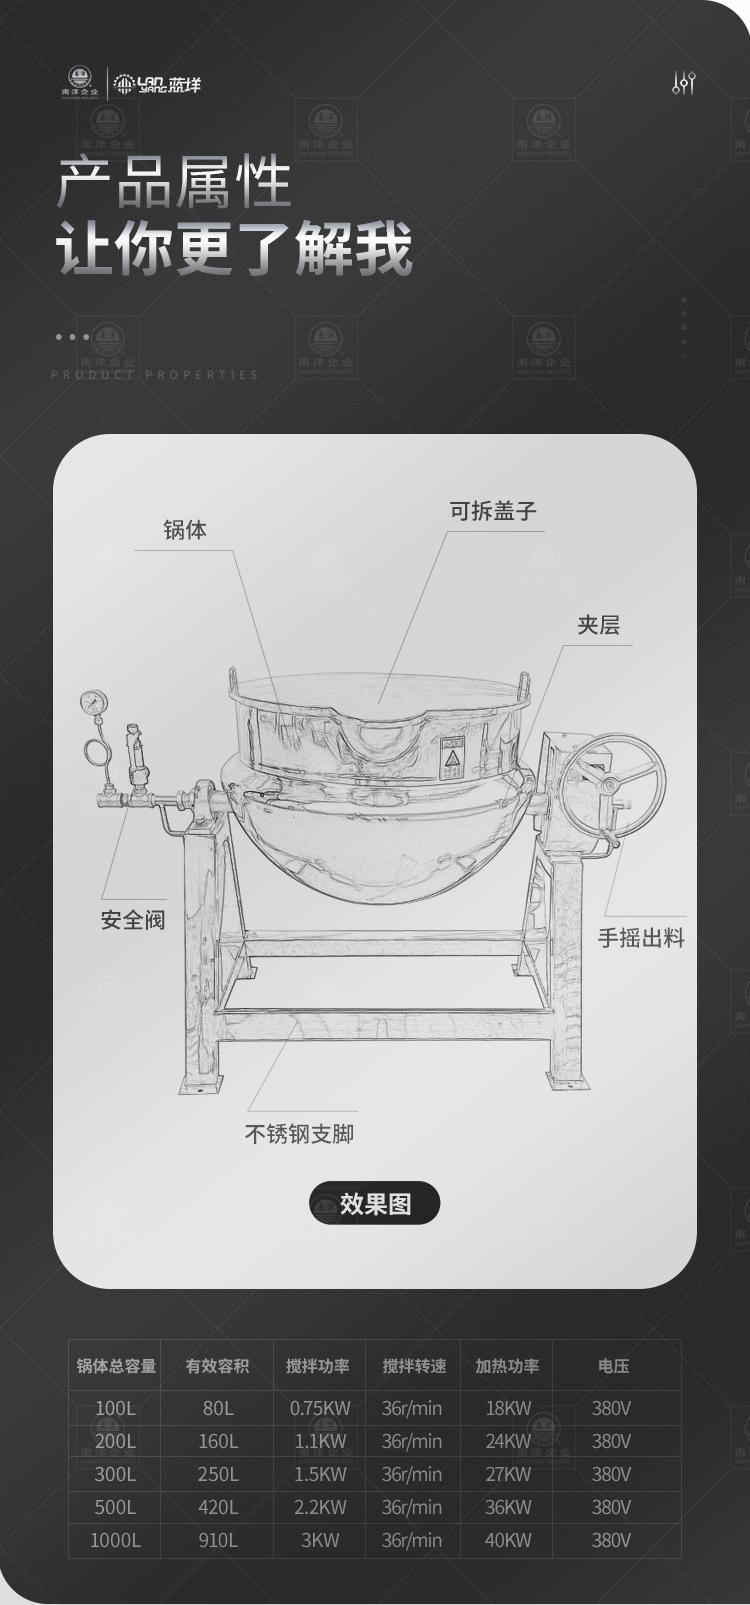 南洋夹层锅——蒸汽,无搅拌_02.jpg